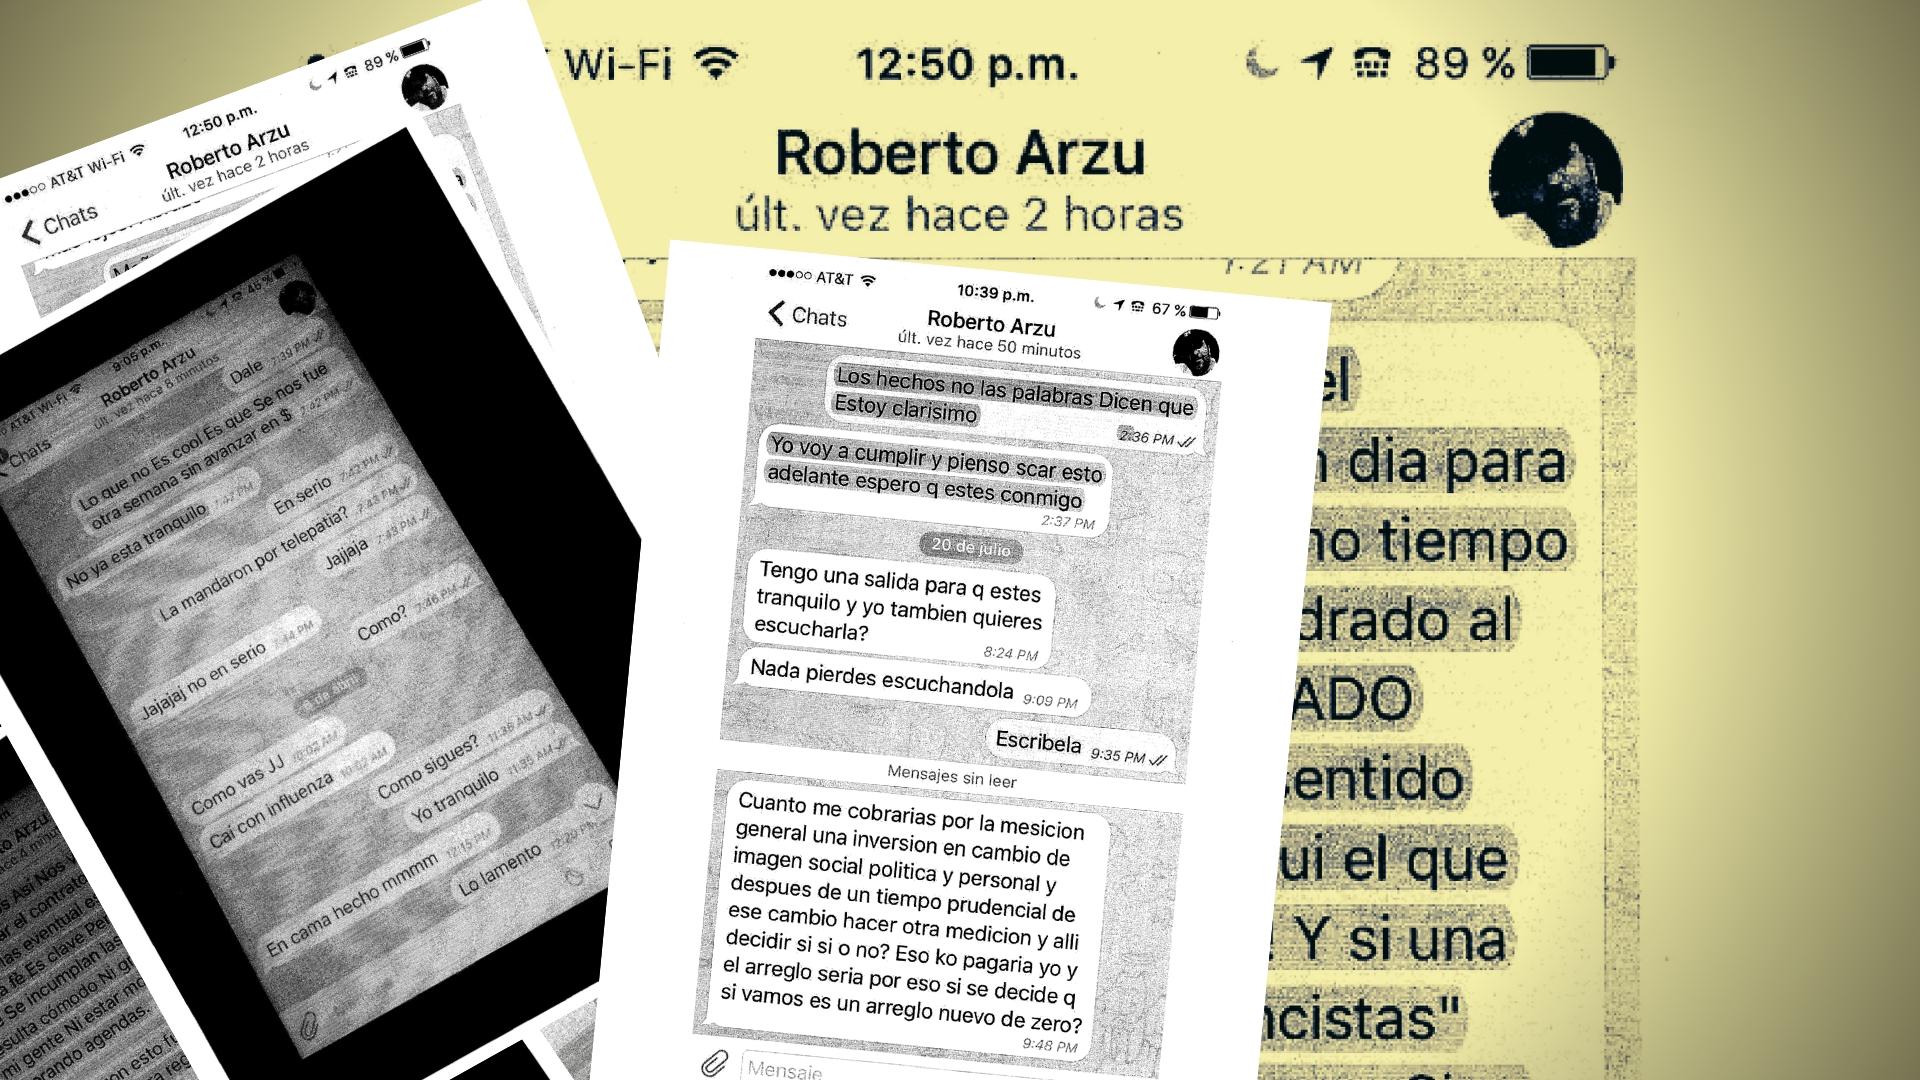 La jugada de JJ Rendón al candidato Roberto Arzú